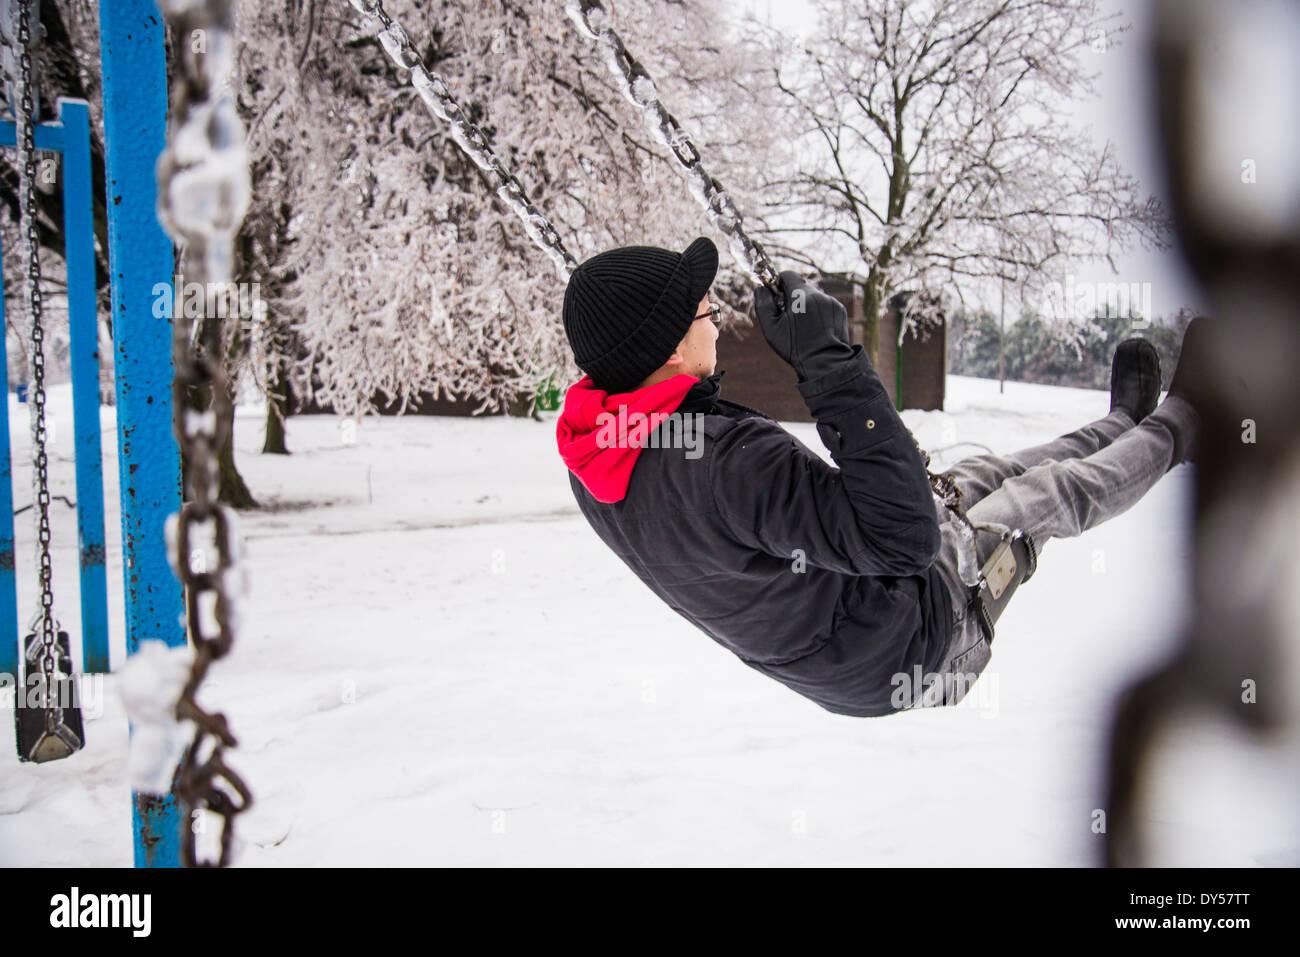 Giovane uomo giocando su park swing a -30 gradi Celsius Immagini Stock